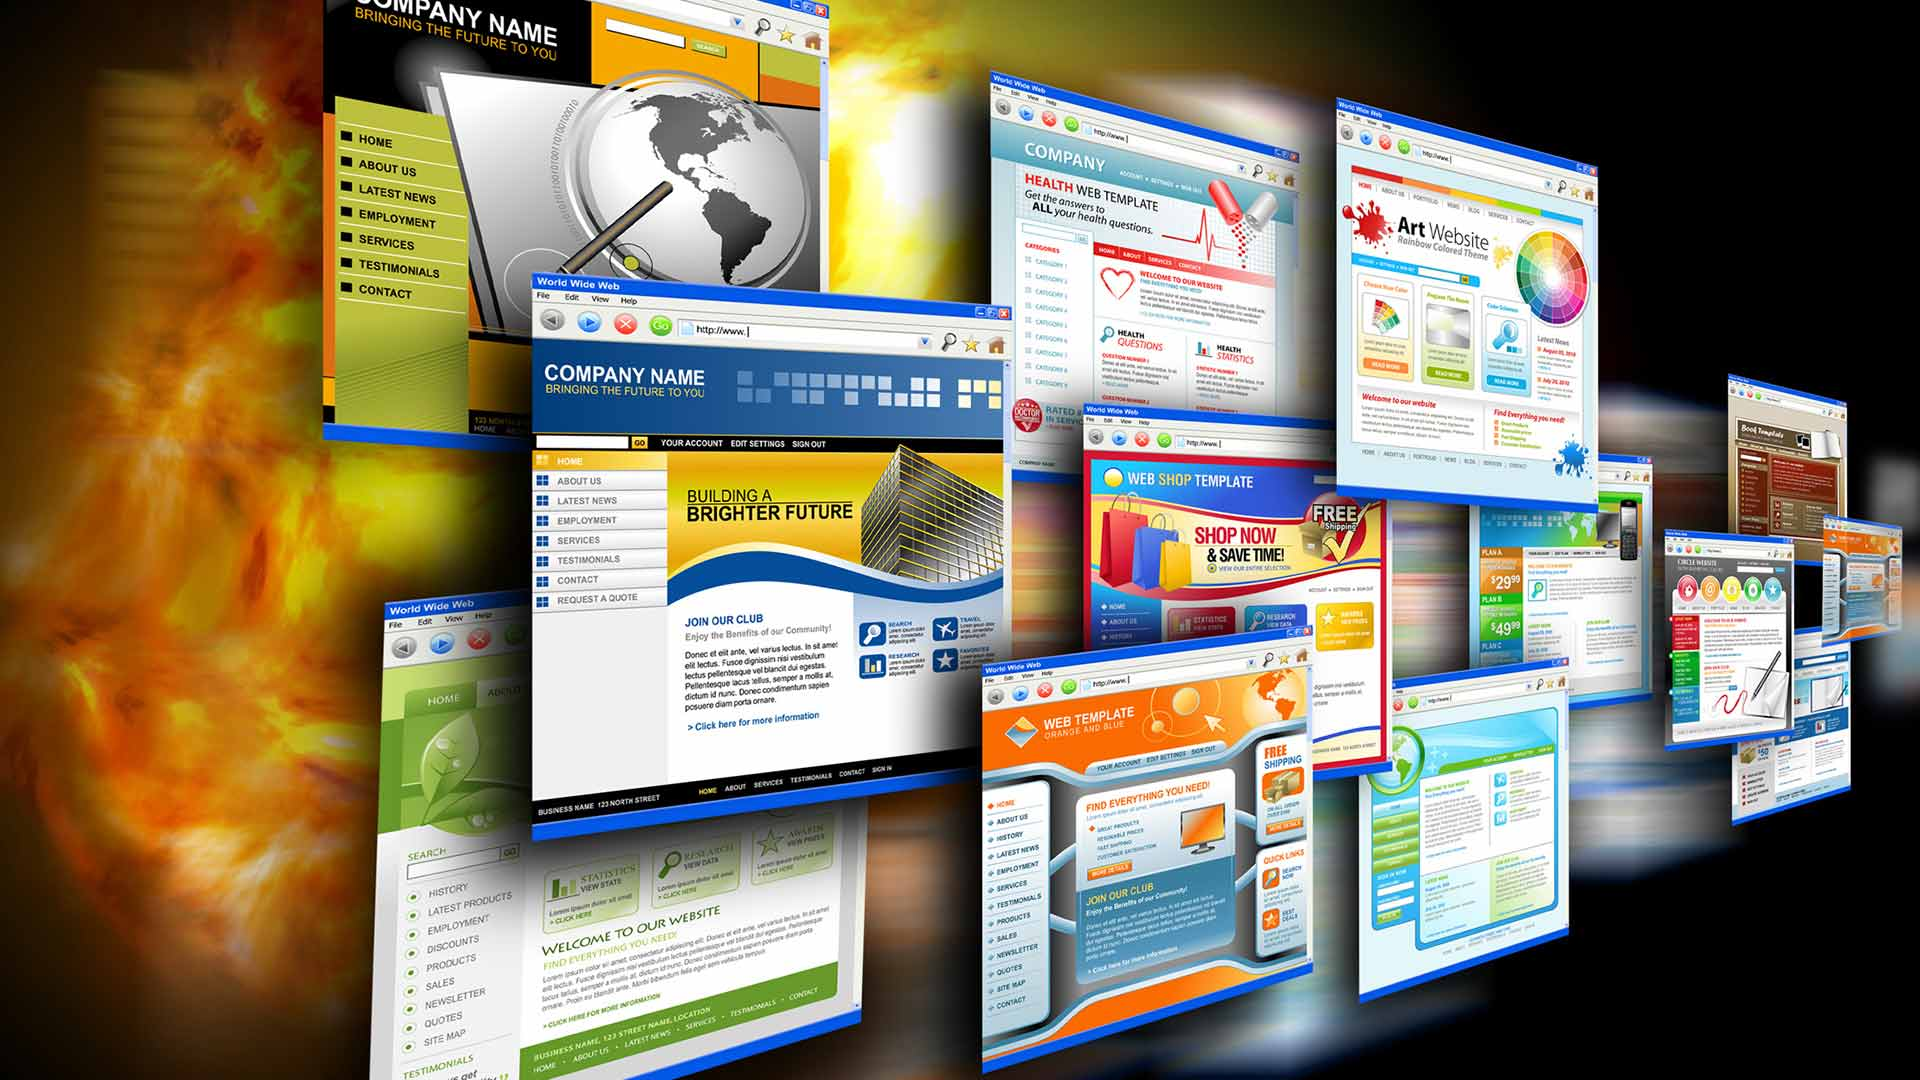 برای موفقیت در ساخت سایت، ابتدا انواع و کاربرد سایتهای مختلف را بشناسید! | پرگاس